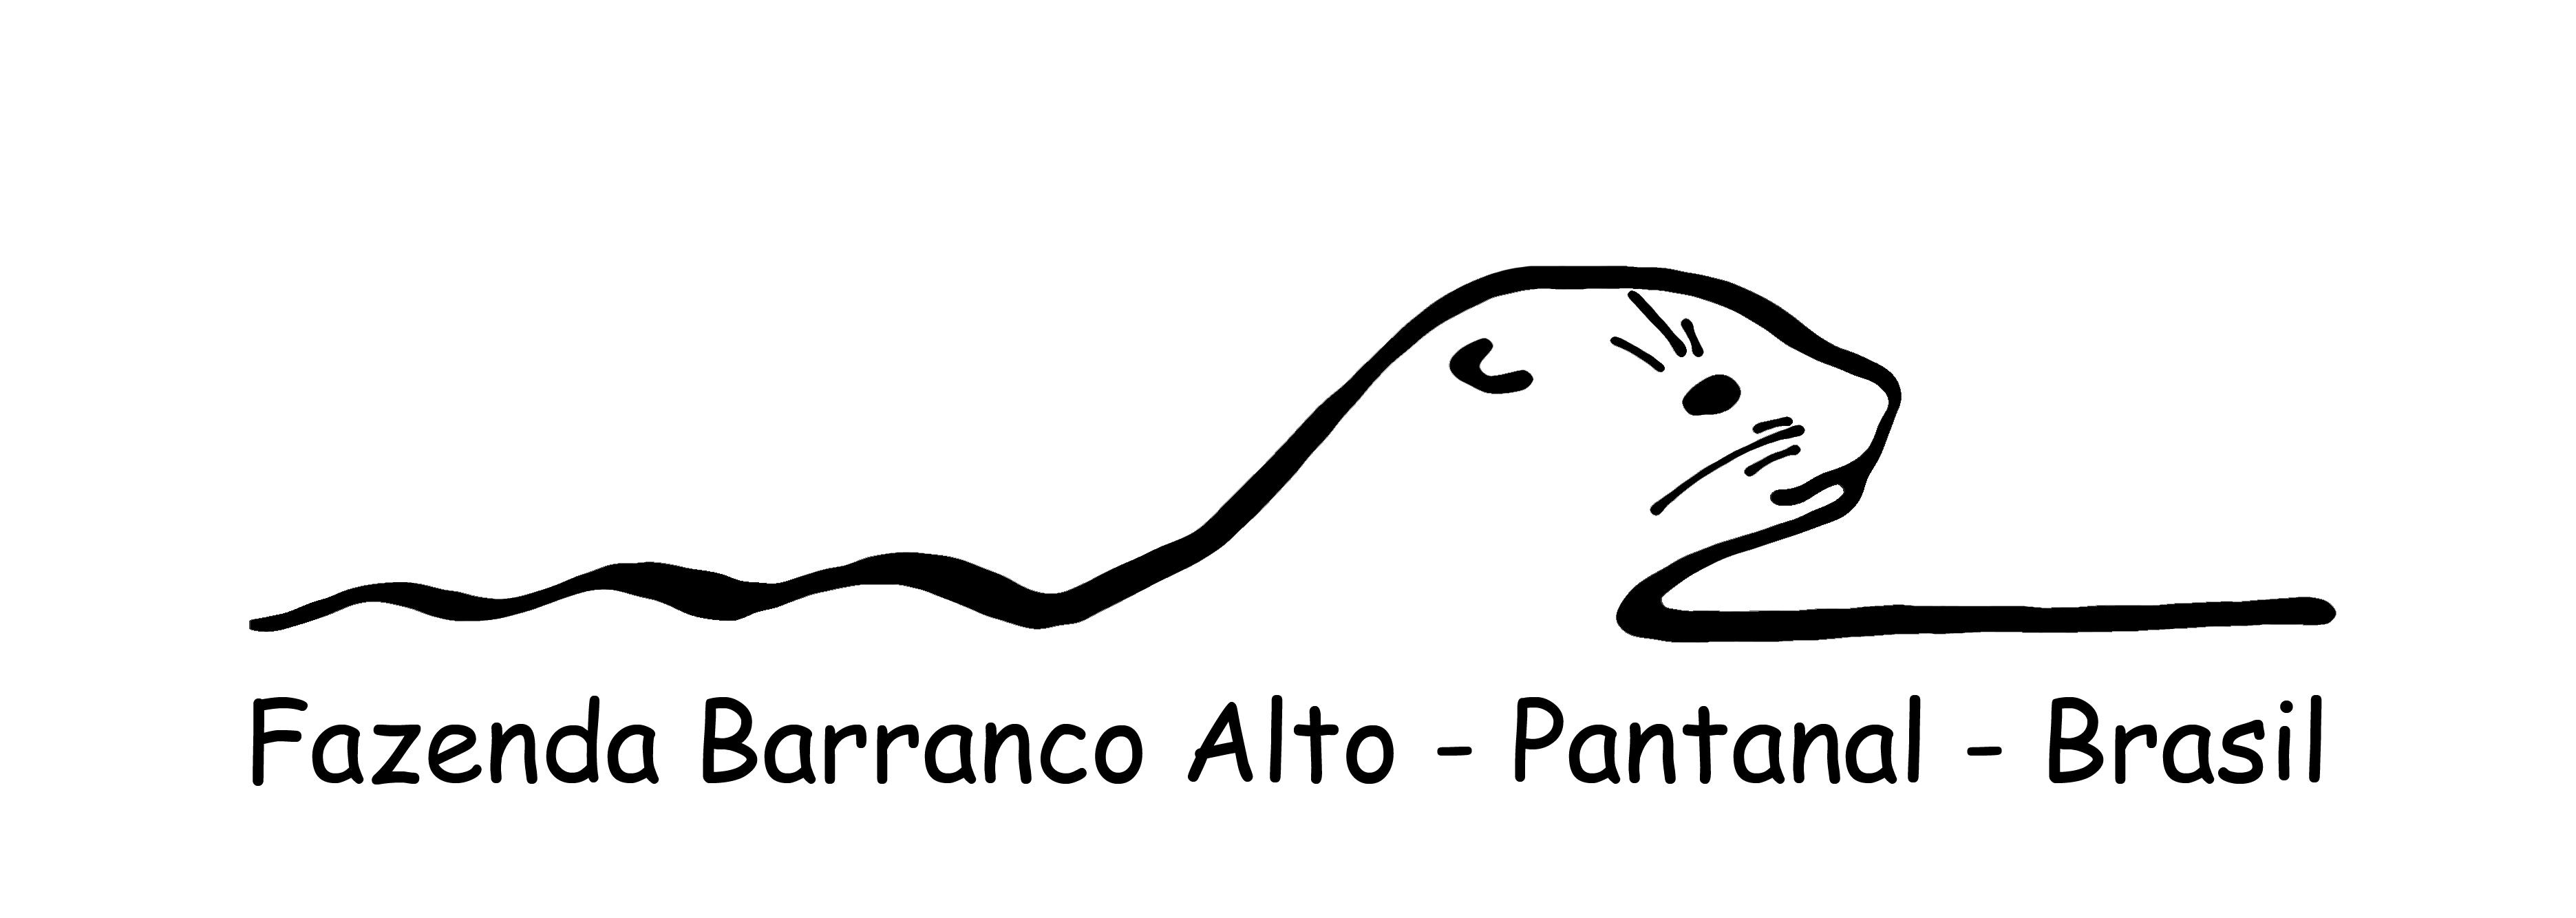 Pantanal coloring #13, Download drawings